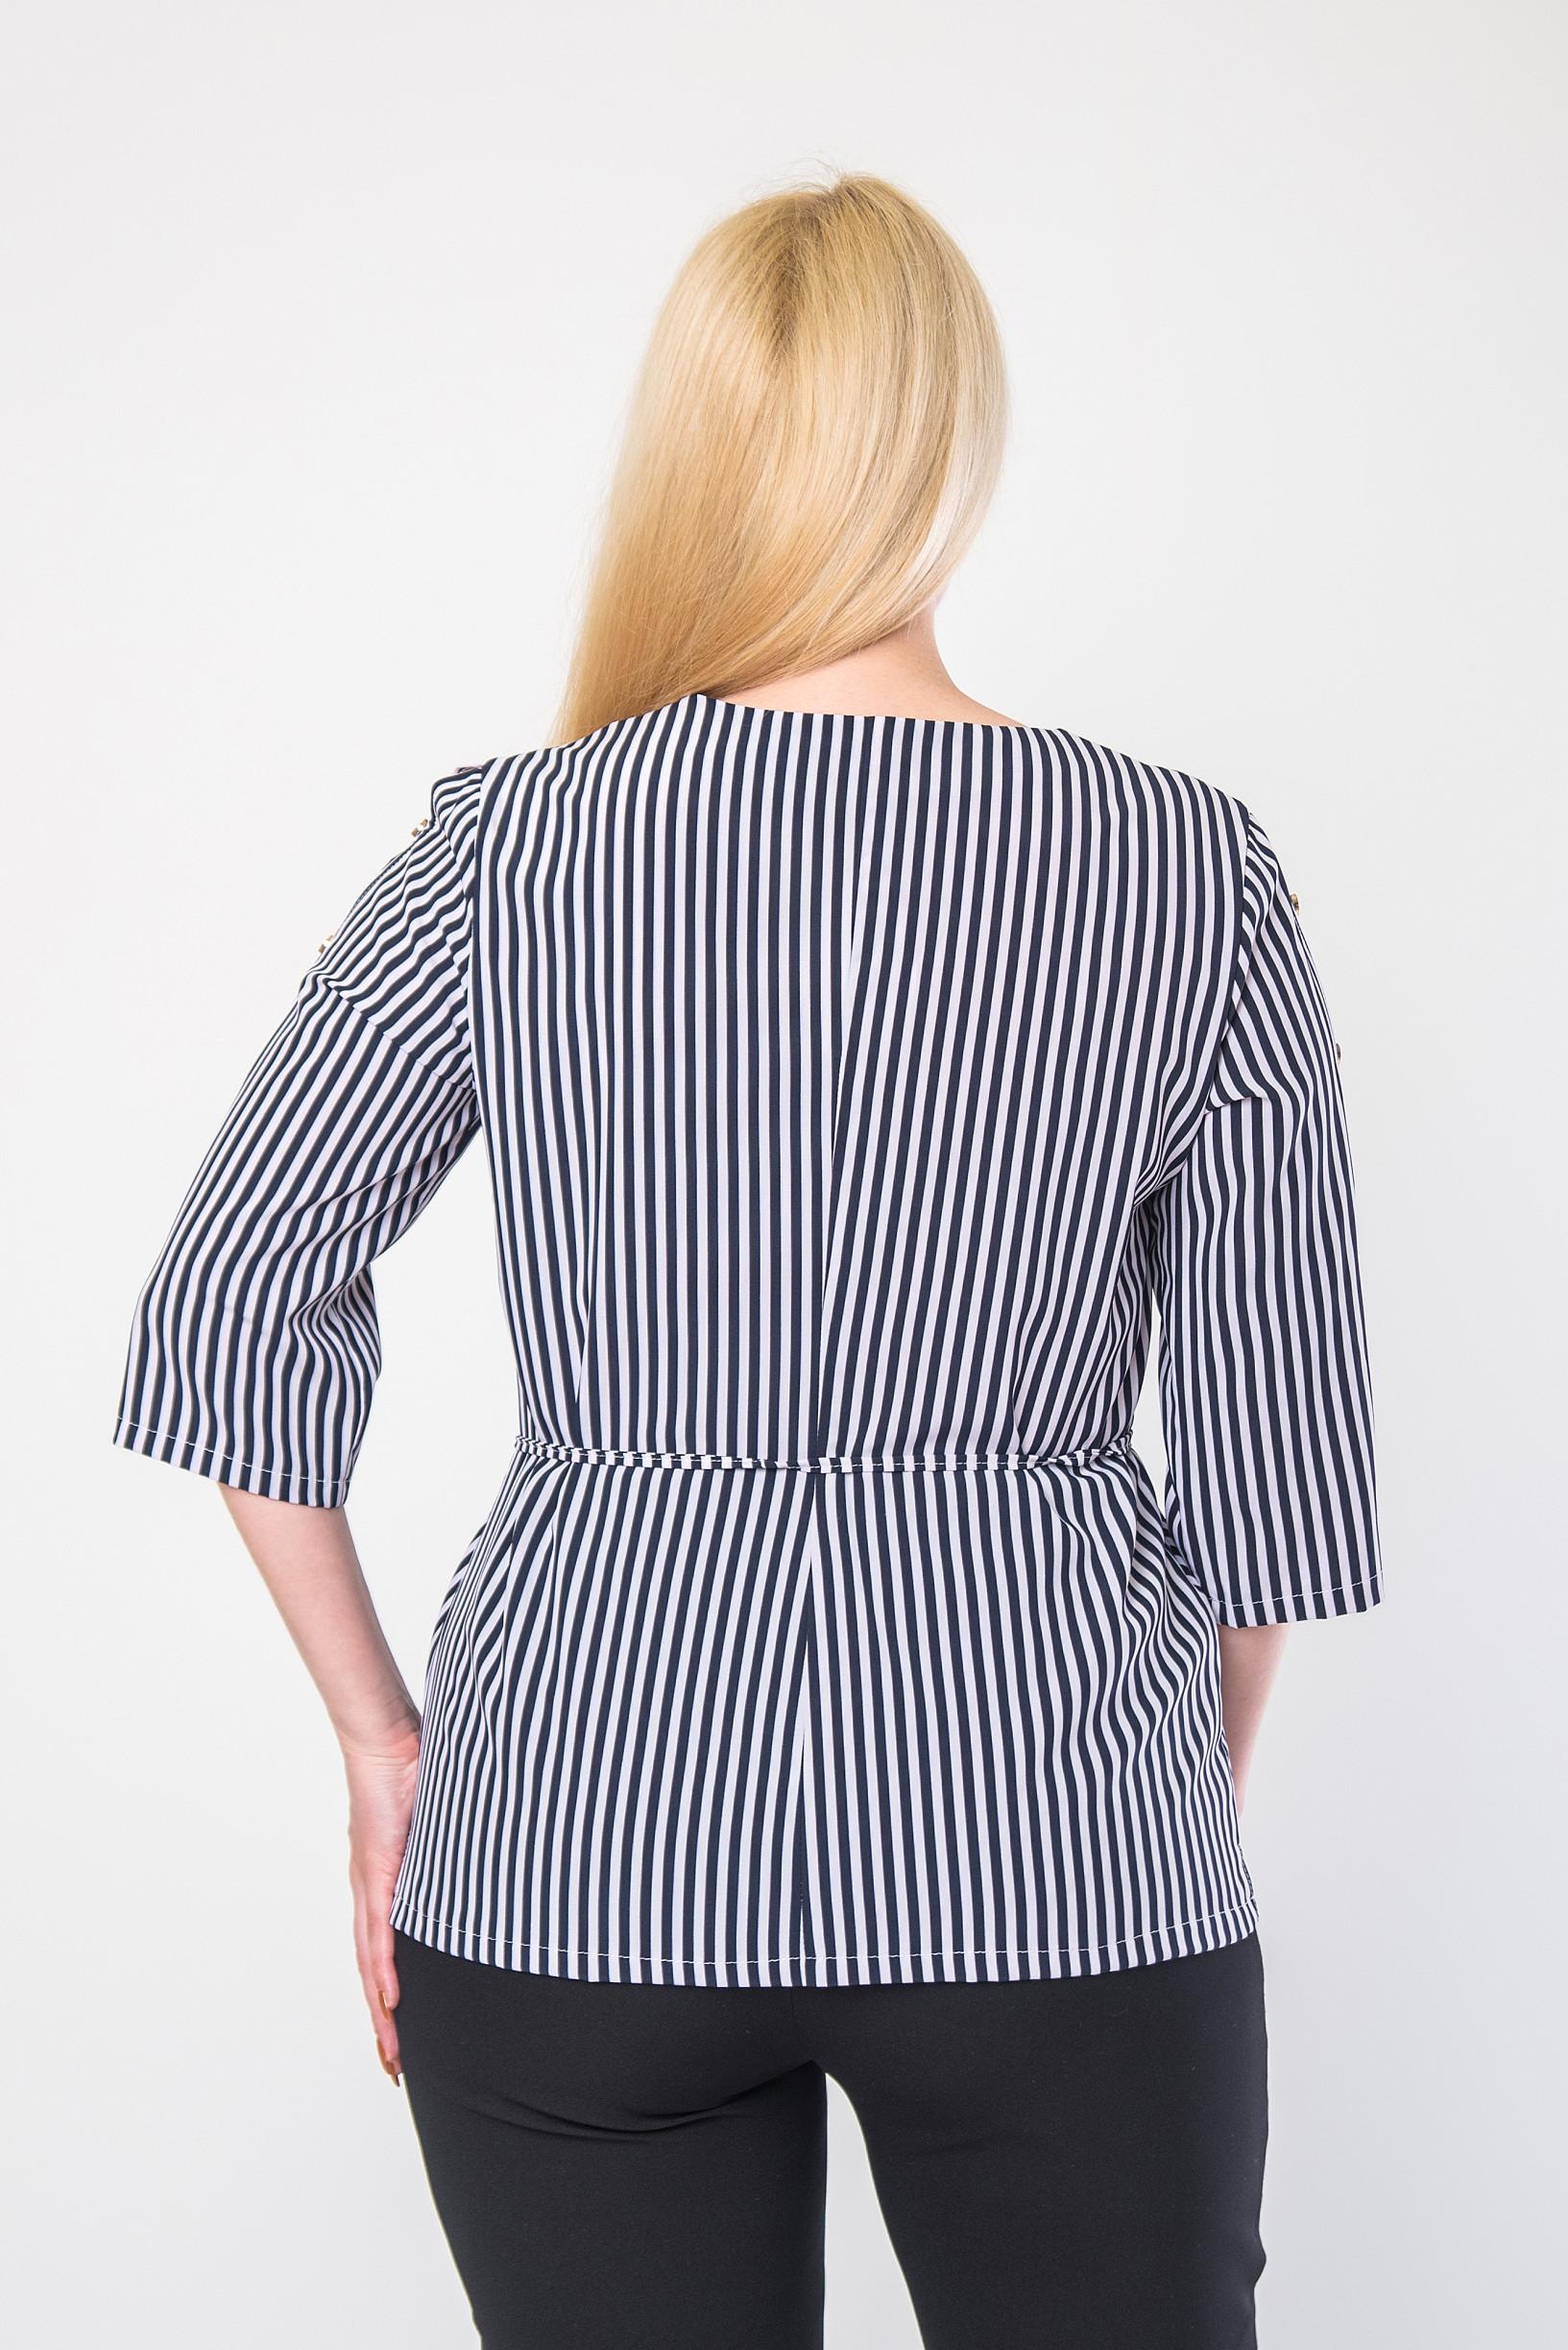 Элегантная женская блуза полоска б-9090